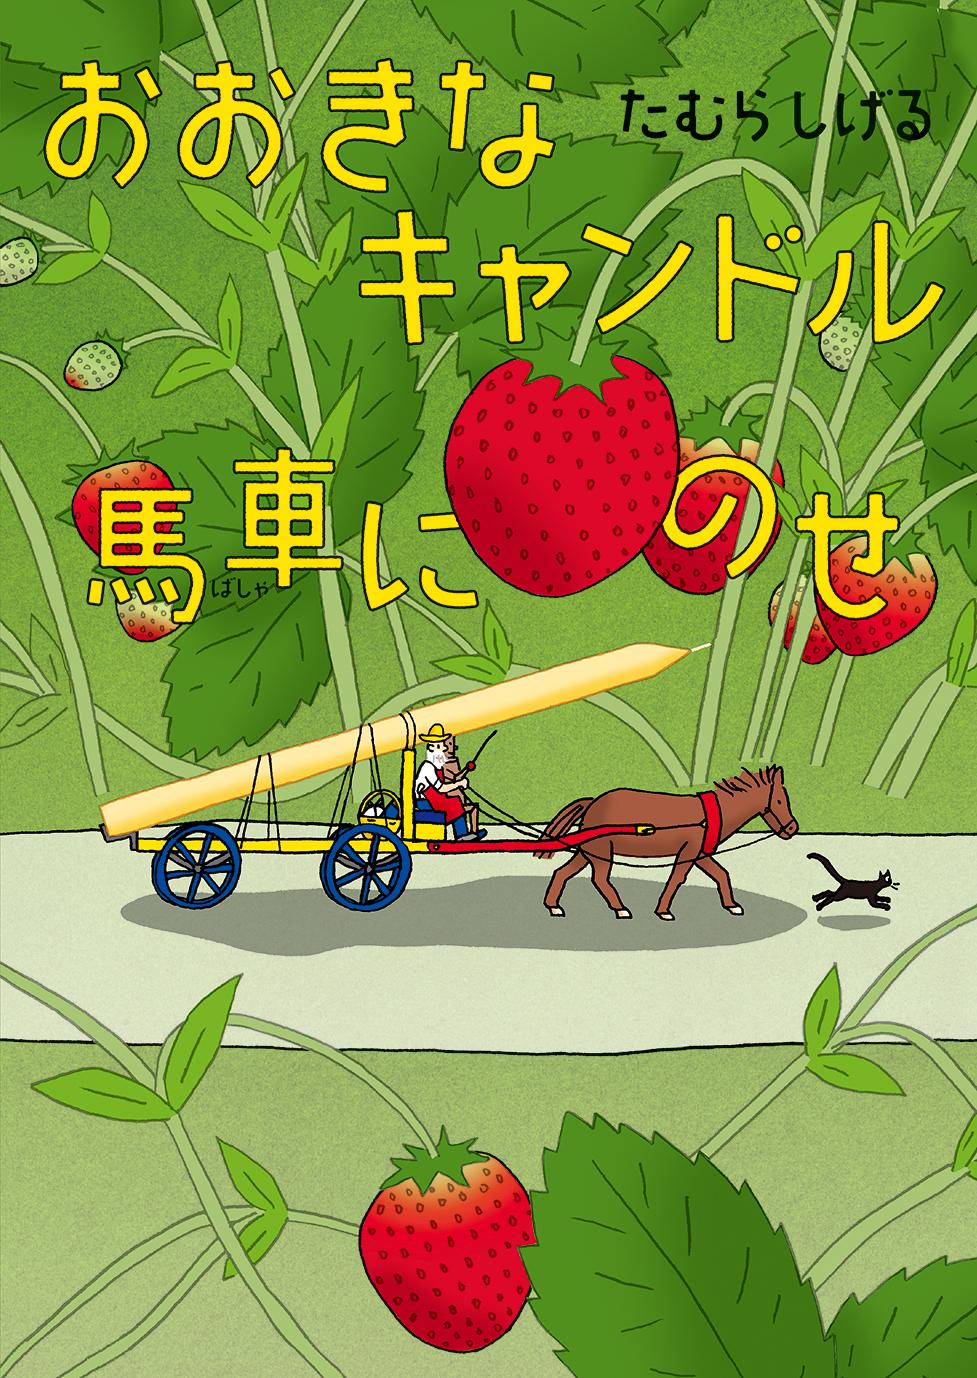 4/7朝日新聞で『おおきなキャンドル馬車にのせ』をご紹介いただきました